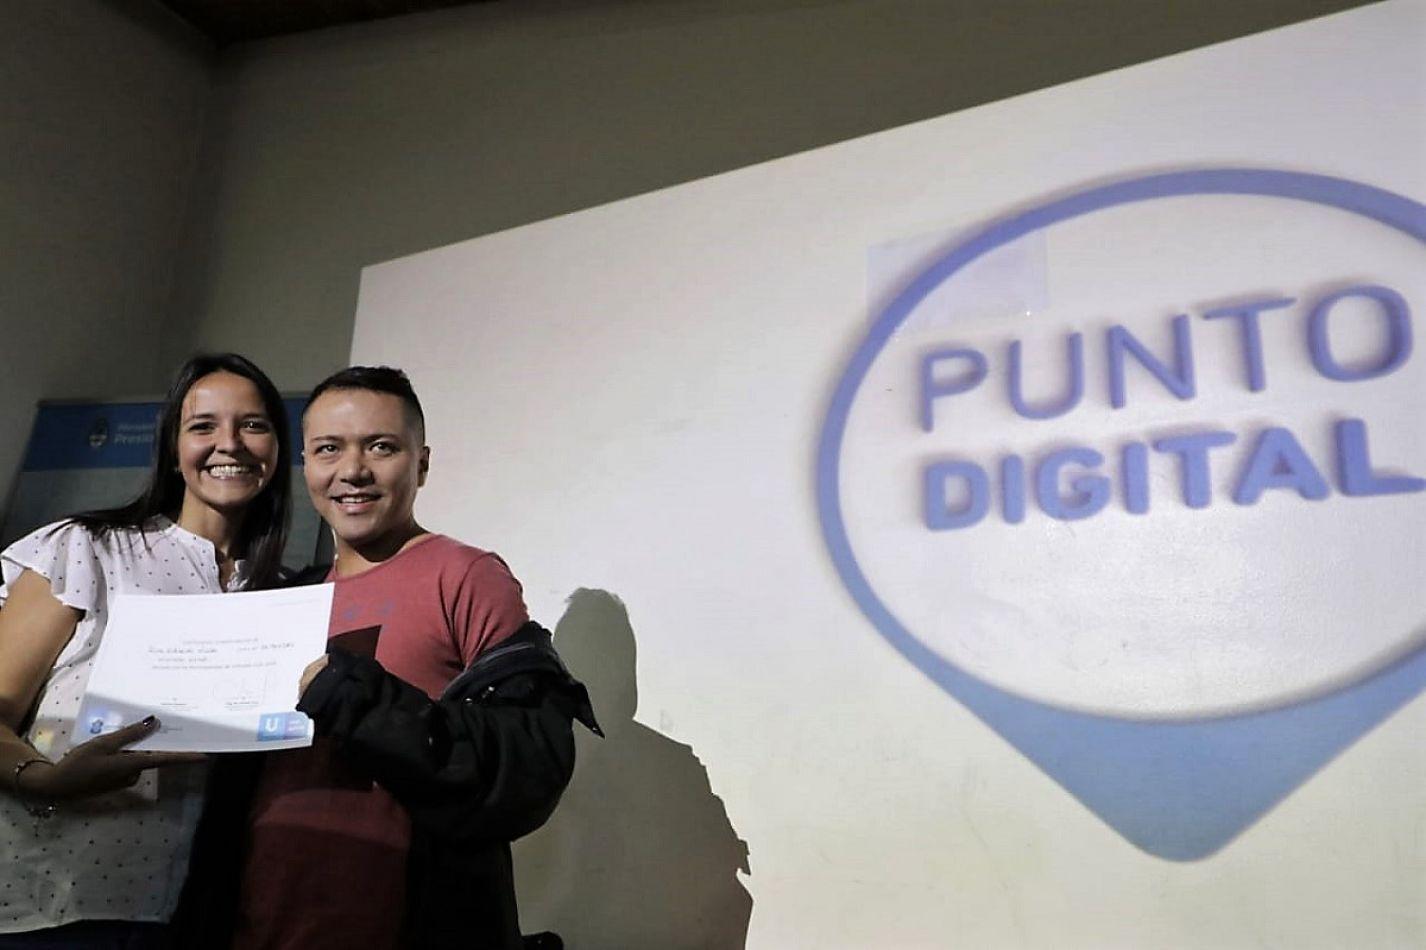 Se realizó el cierre anual de los talleres del Punto Digital